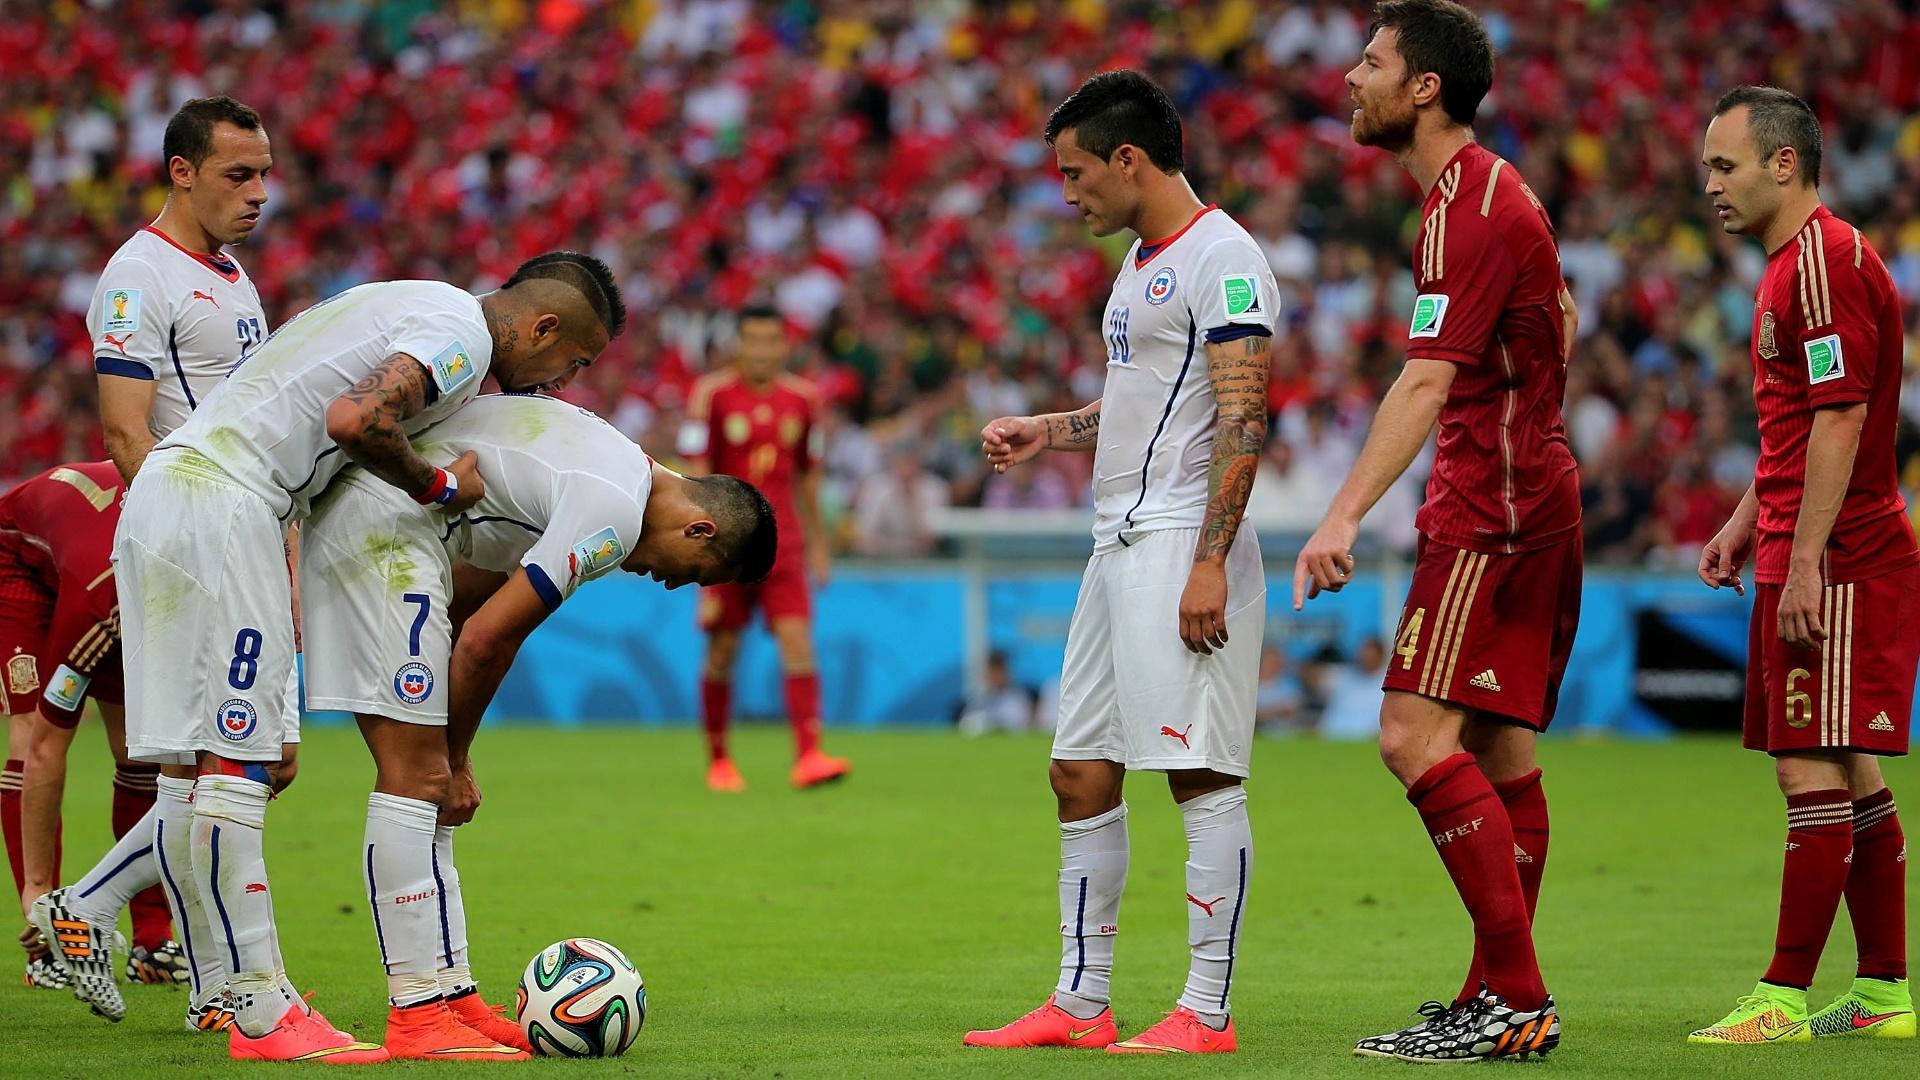 Vidal conversa com Sanchez antes da cobrança de falta que resultou no segundo gol do Chile contra a Espanha